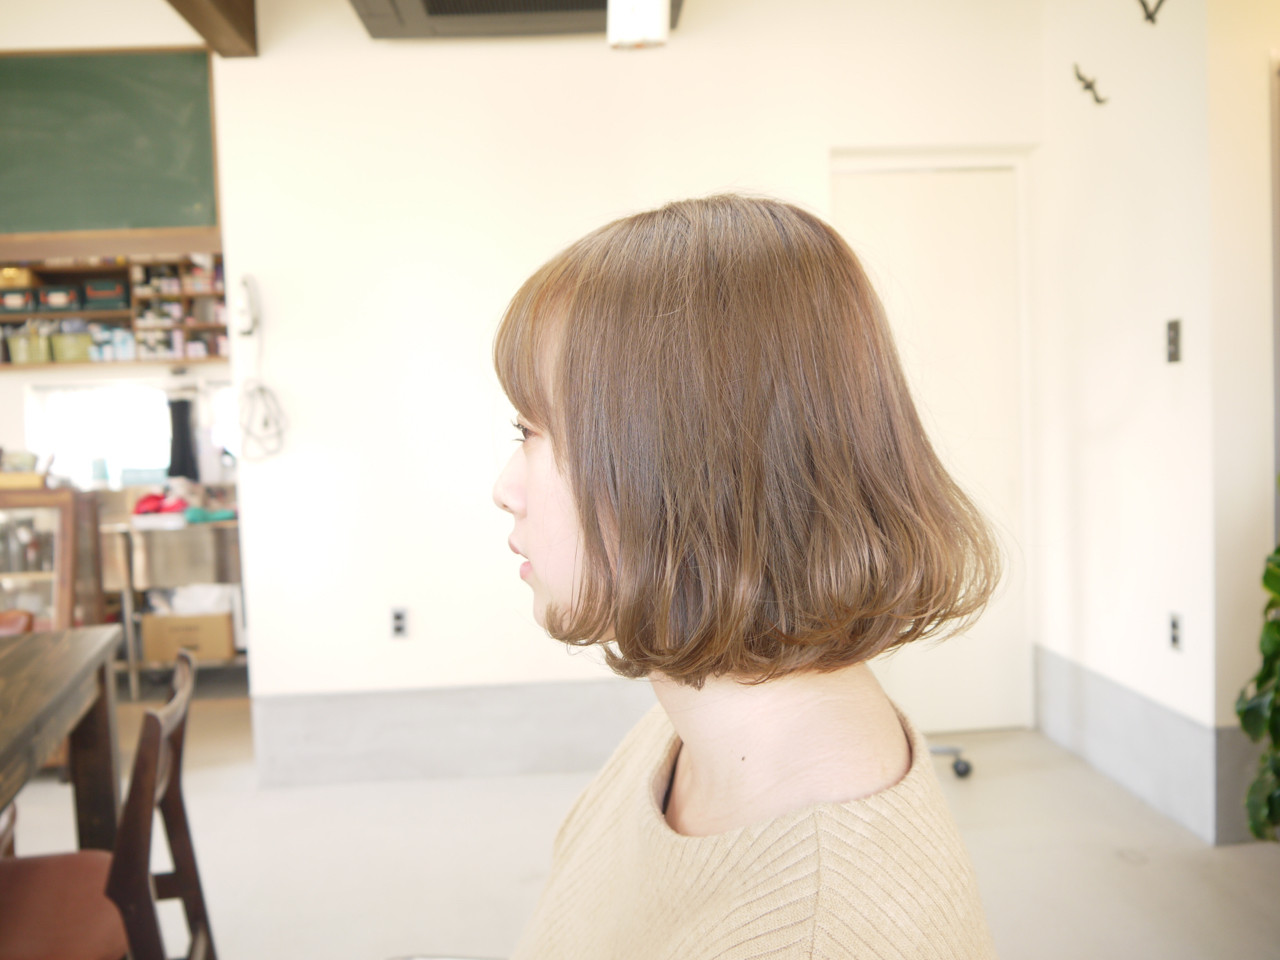 ナチュラル ベージュ ダブルカラー ボブ ヘアスタイルや髪型の写真・画像